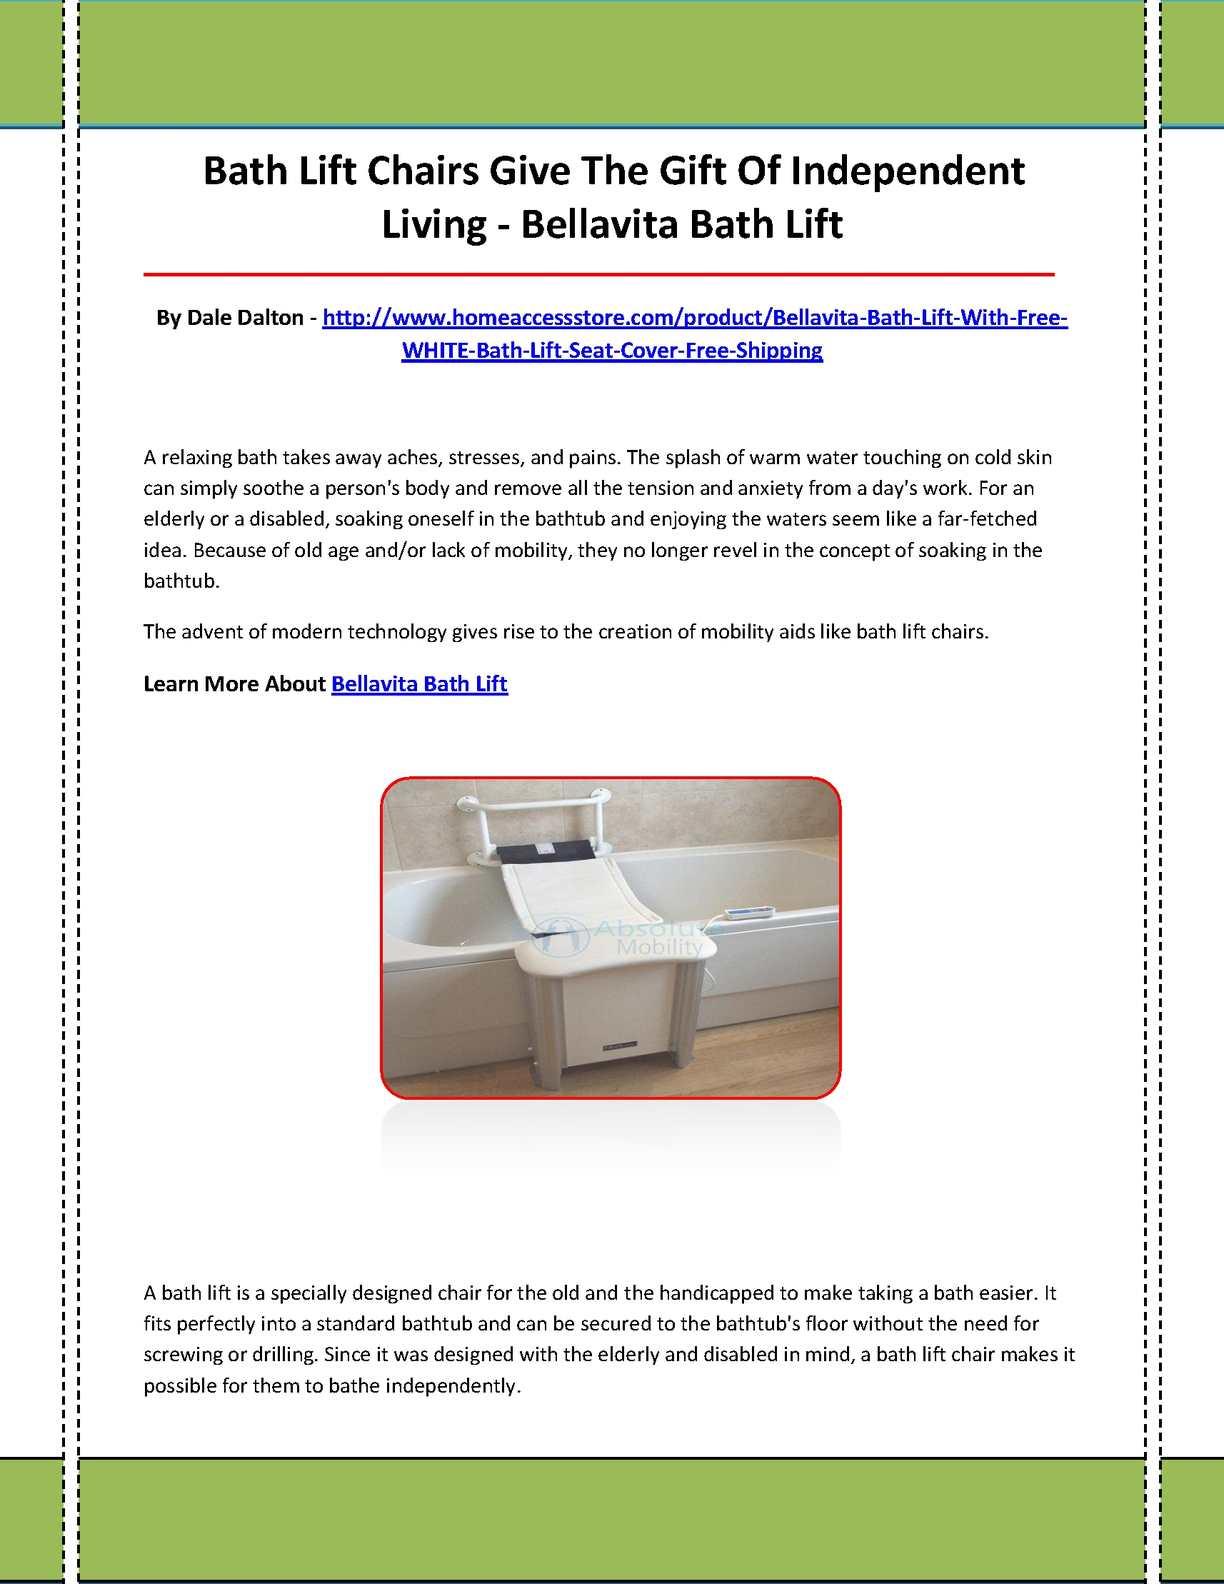 Calameo Bellavita Bath Lift Demo January 27 2014